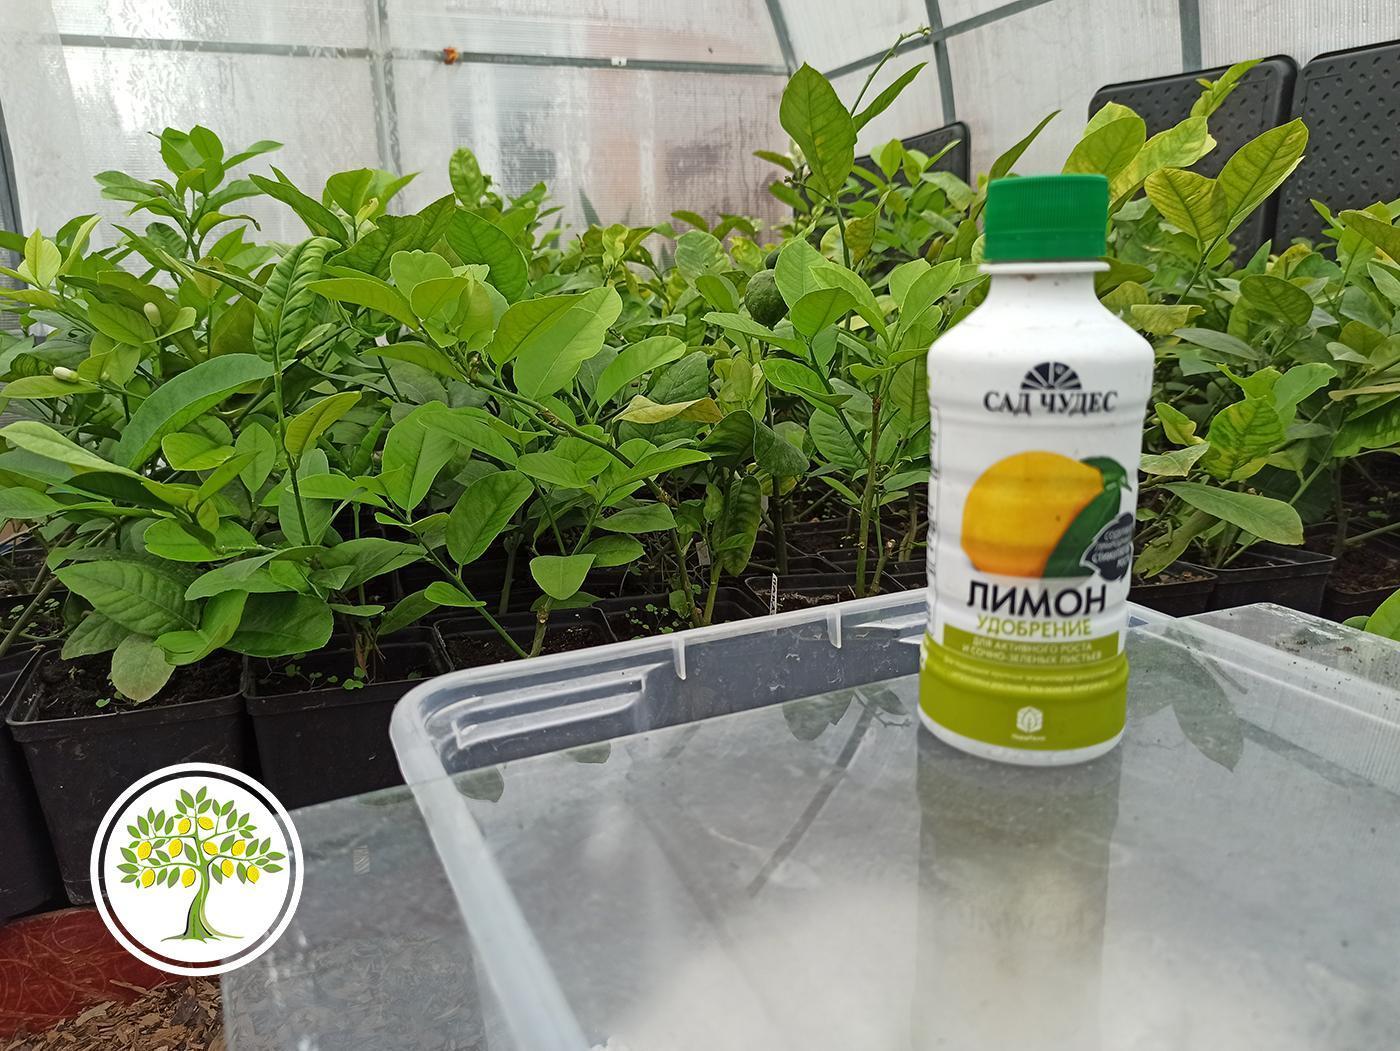 Удобрение для лимона на основе биогумуса